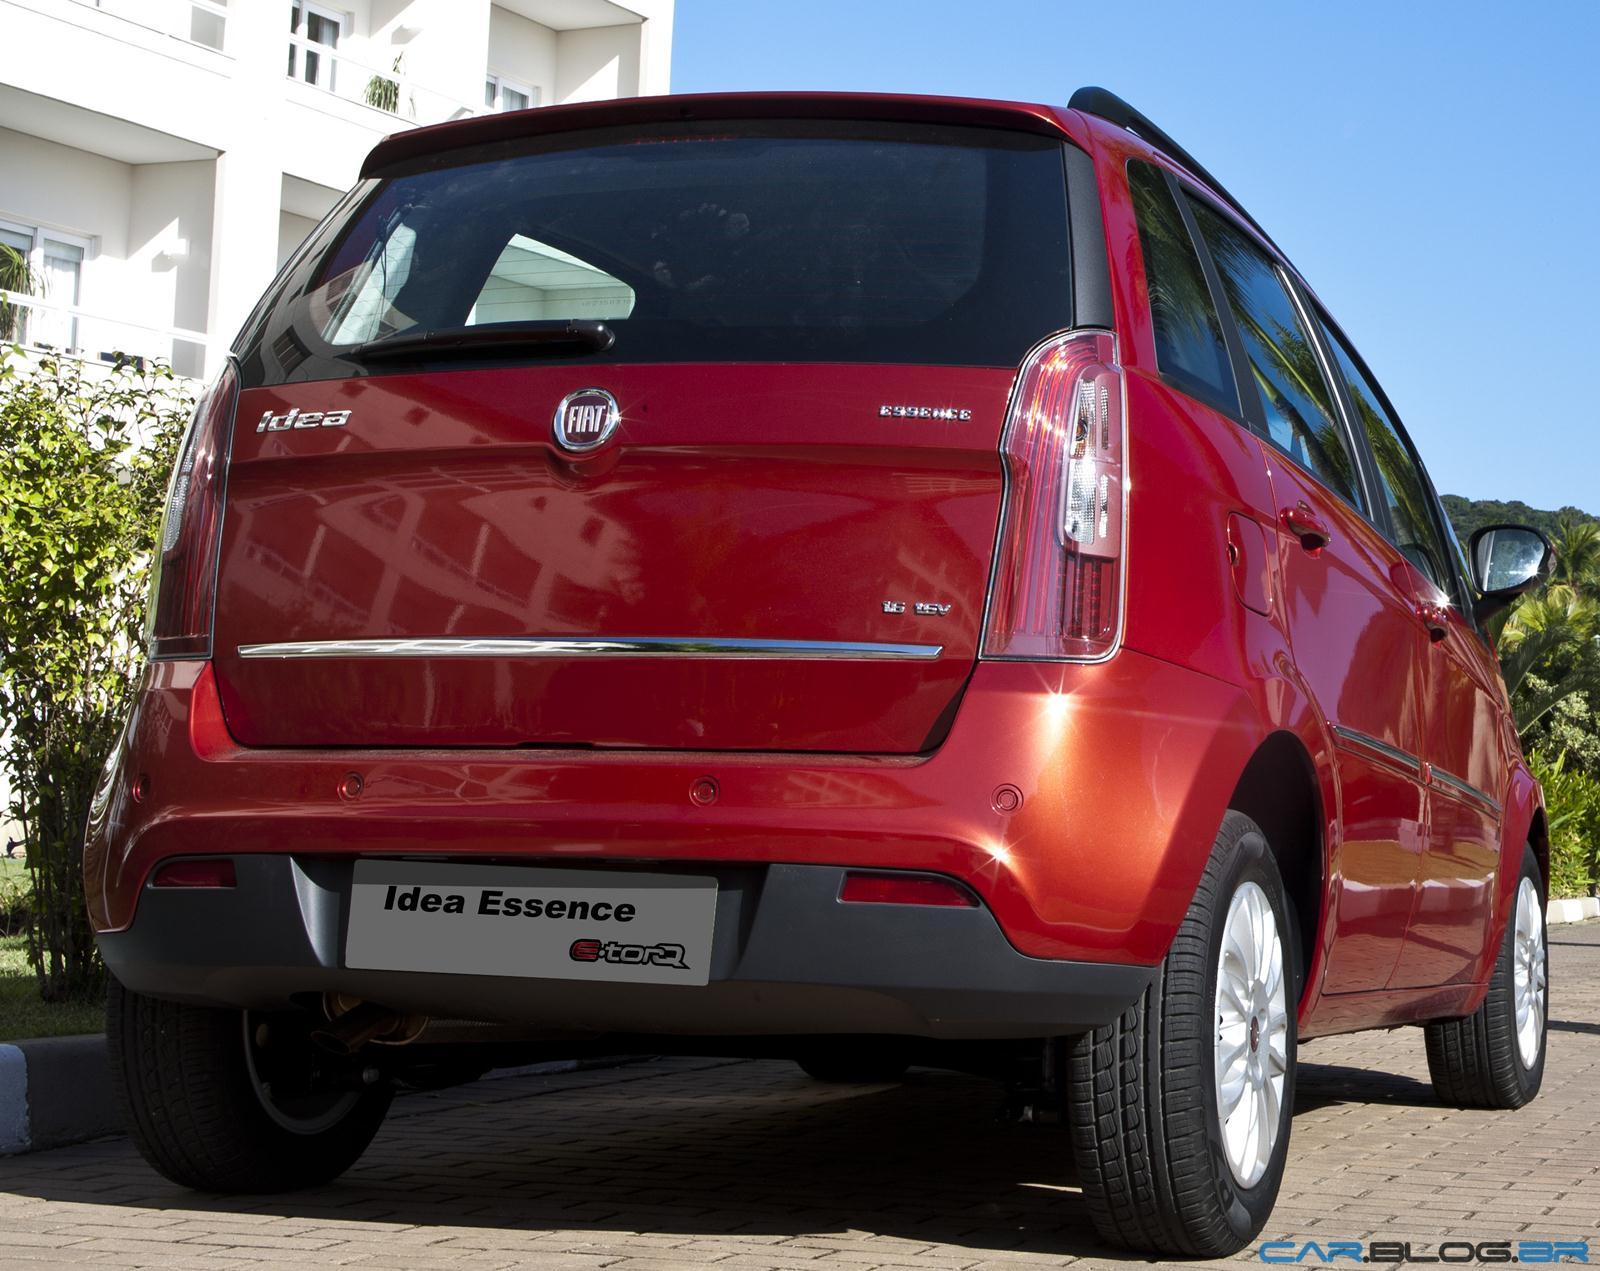 Fiat recall para punto e bravo desgaste elevado do for Precio fiat idea essence 2014